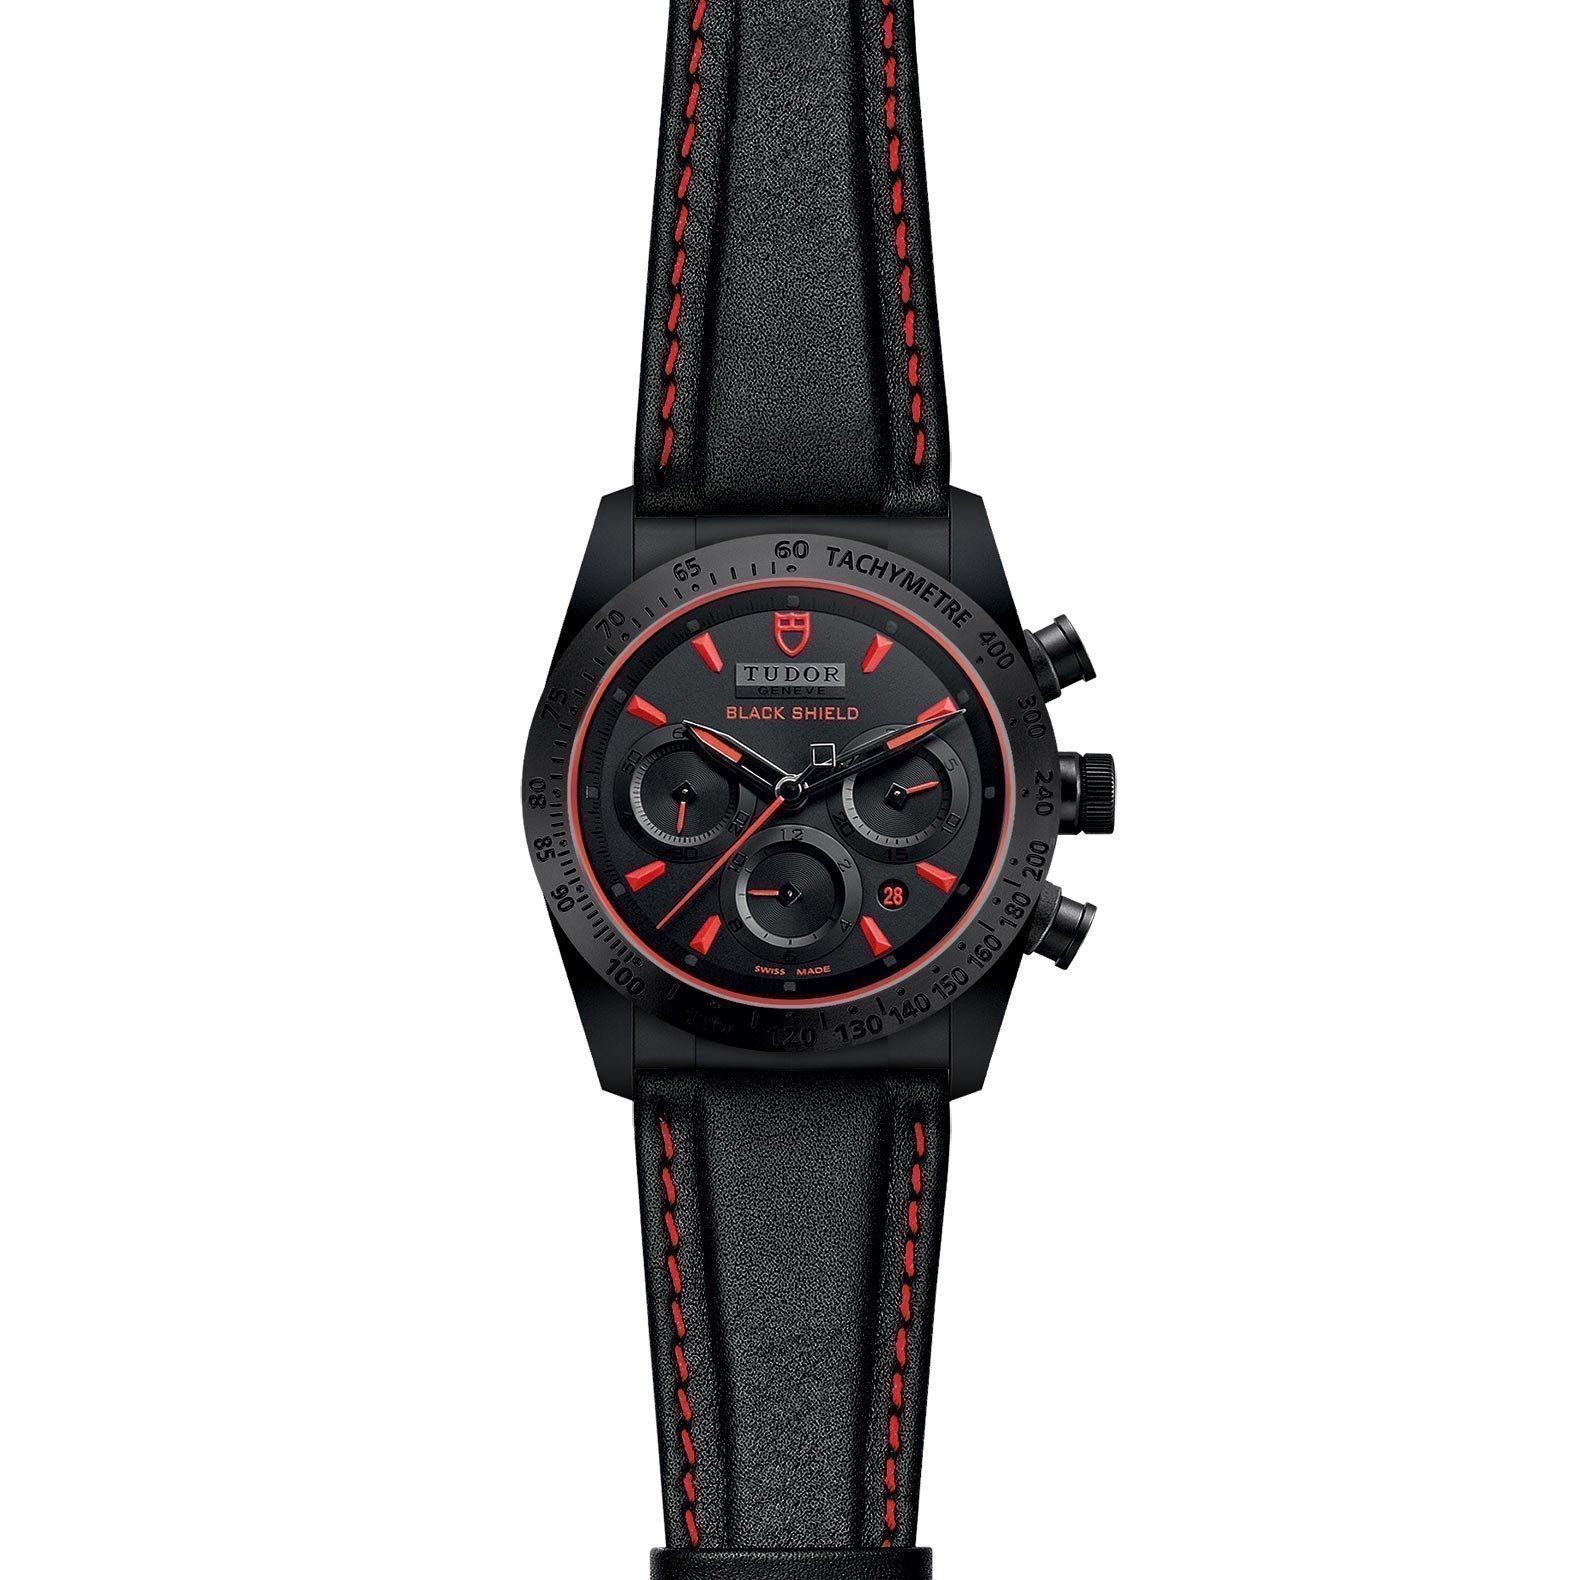 Montre TUDOR Fastrider Black Shield boîtier en céramique, 42mm, bracelet en cuir noir vue 2